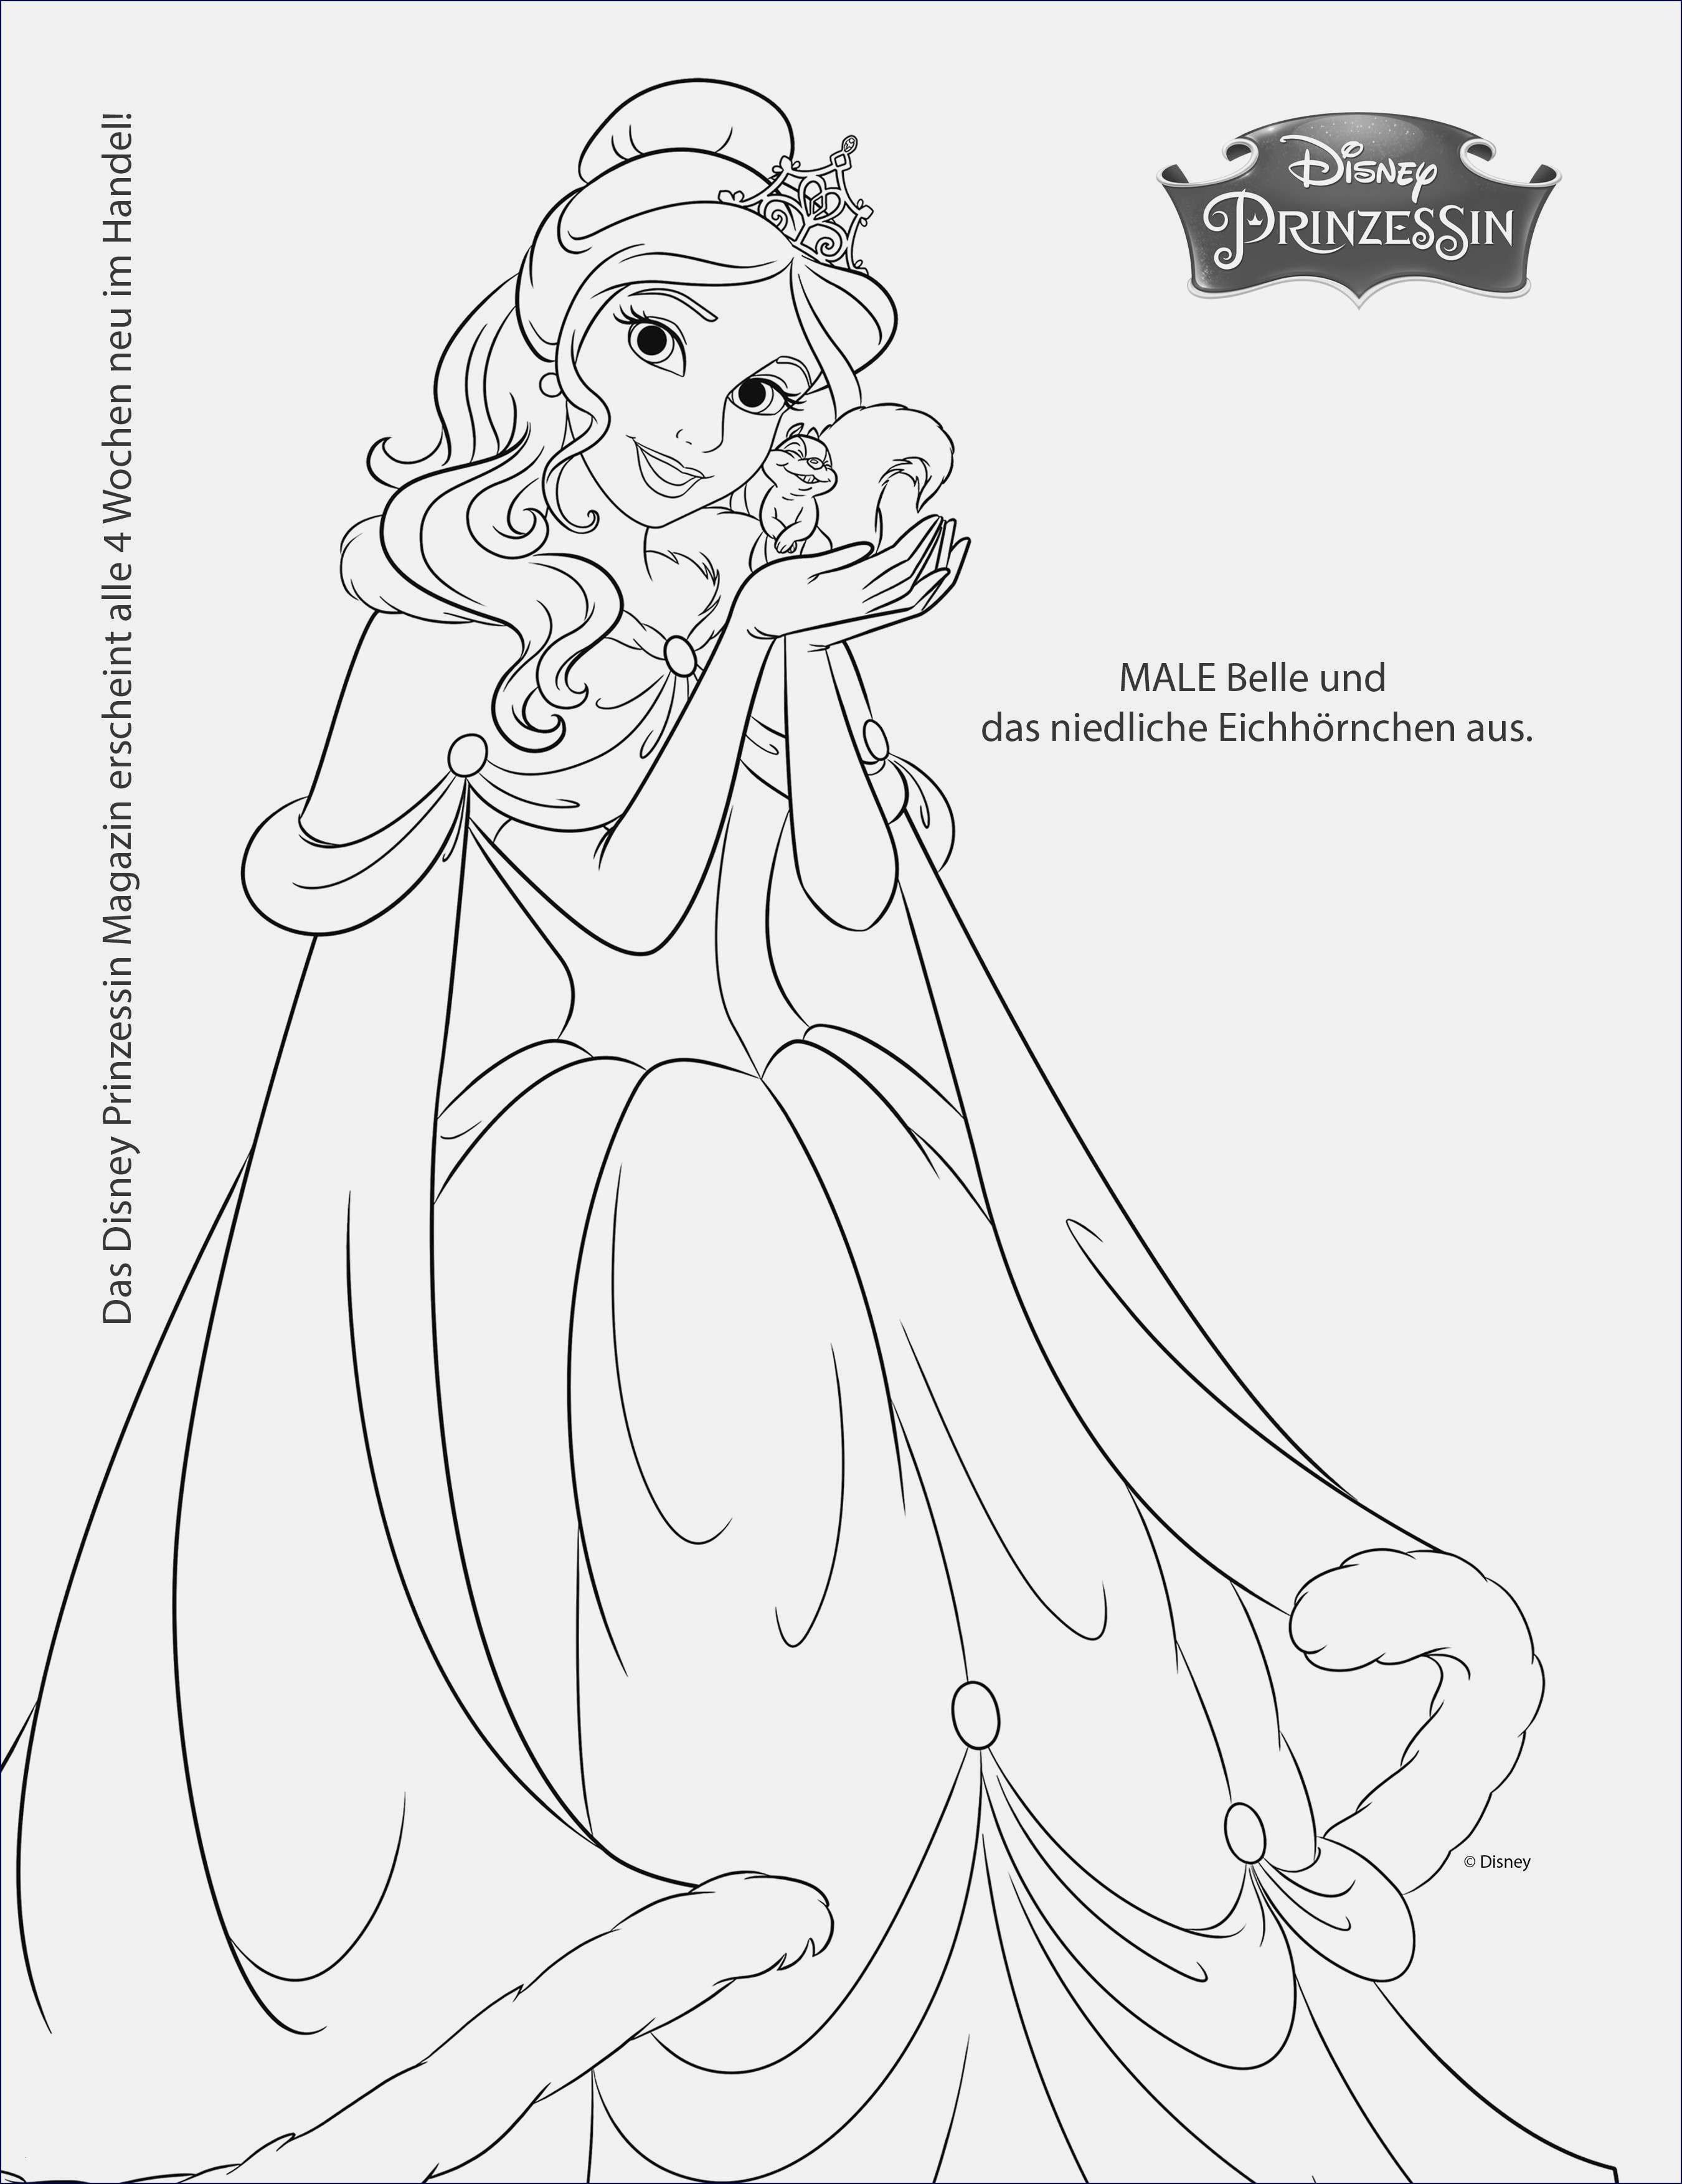 Ausmalbilder Zum Ausdrucken Disney Einzigartig Ausmalbilder Prinzessin Kostenlos Schön Bayern Ausmalbilder Schön Sammlung